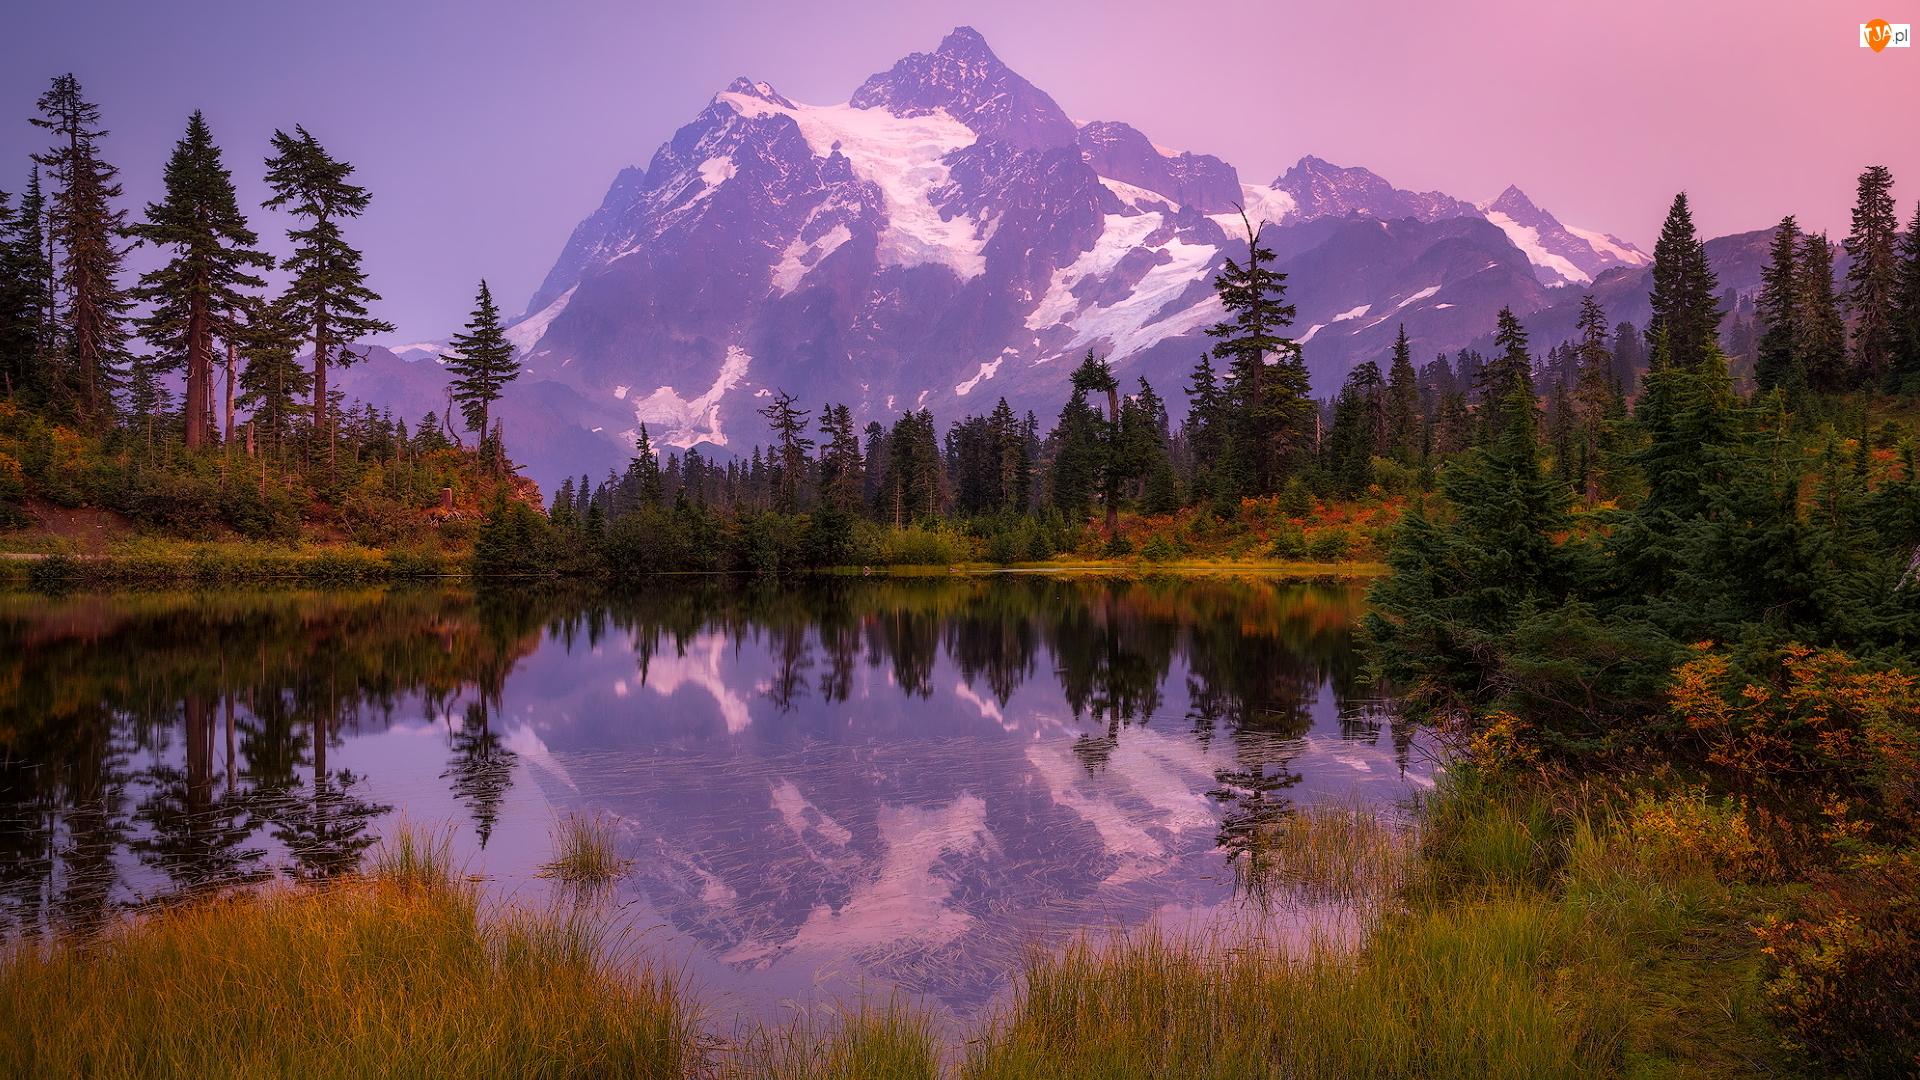 Stany Zjednoczone, Góry, Stan Waszyngton, Picture Lake, Odbicie, Góra, Mount Shuksan Drzewa, Jesień, Jezioro